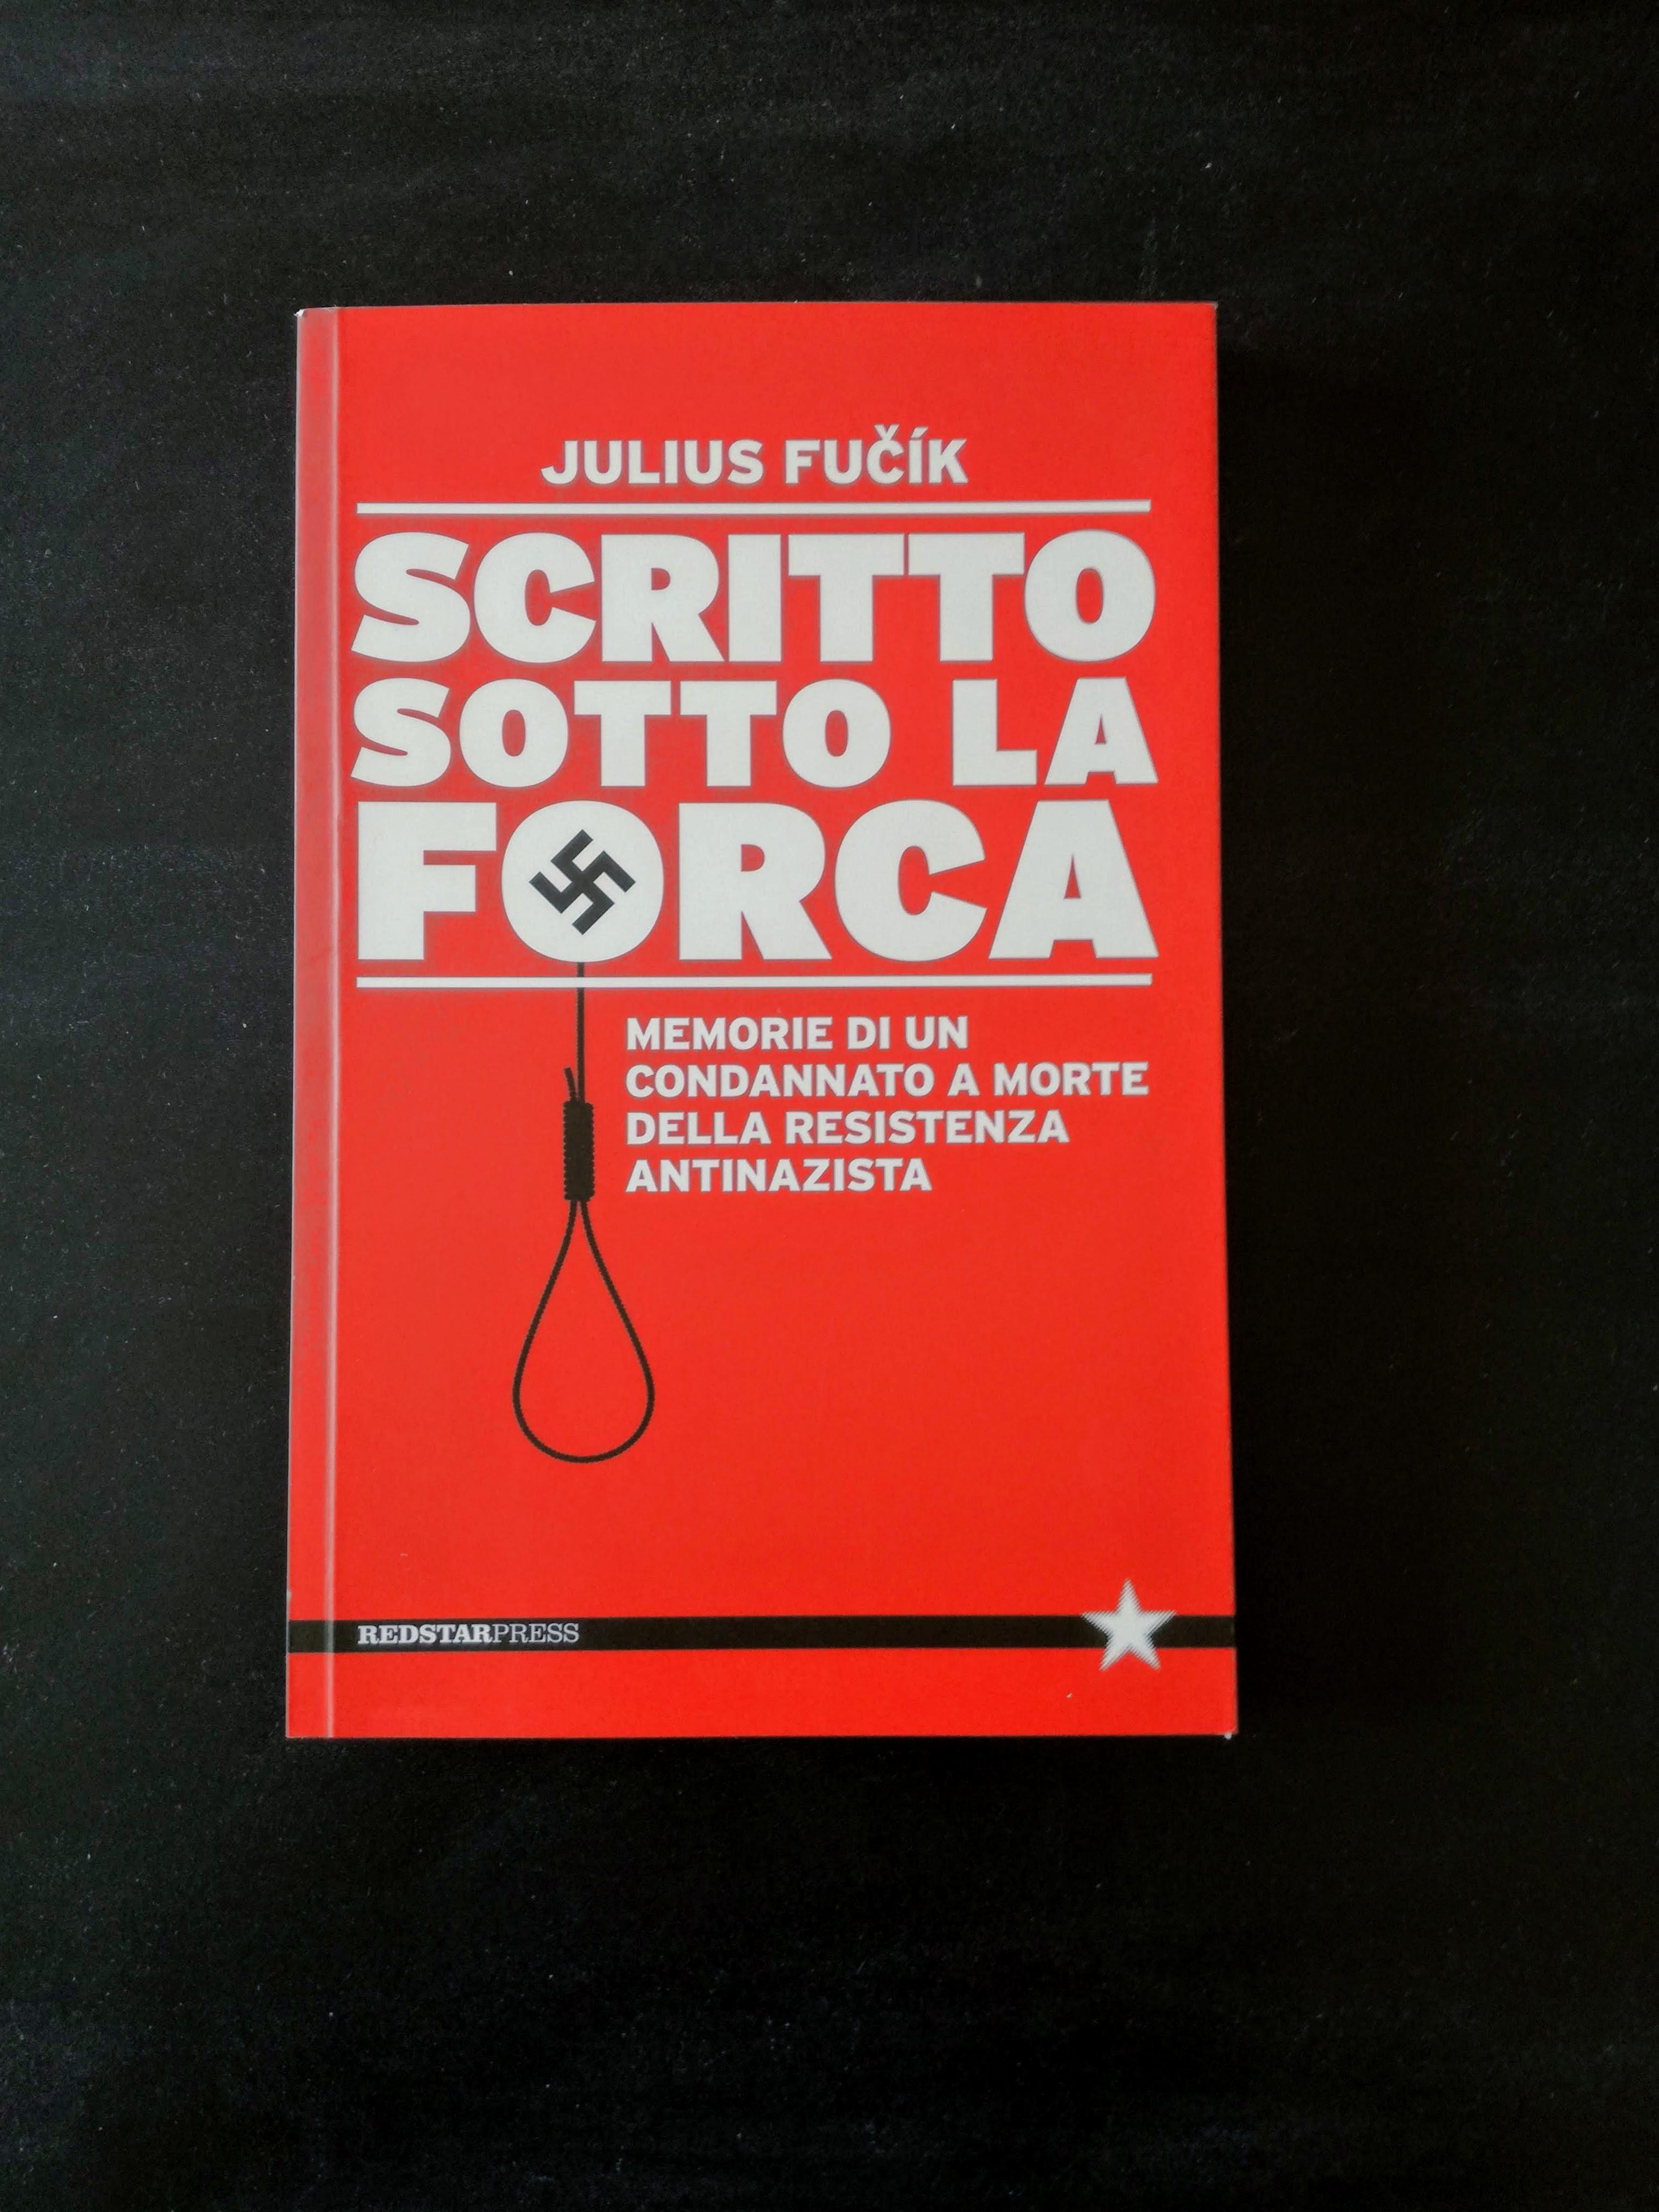 Scritto sotto la forca - Memorie di un condannato a morte della Resistenza antinazista